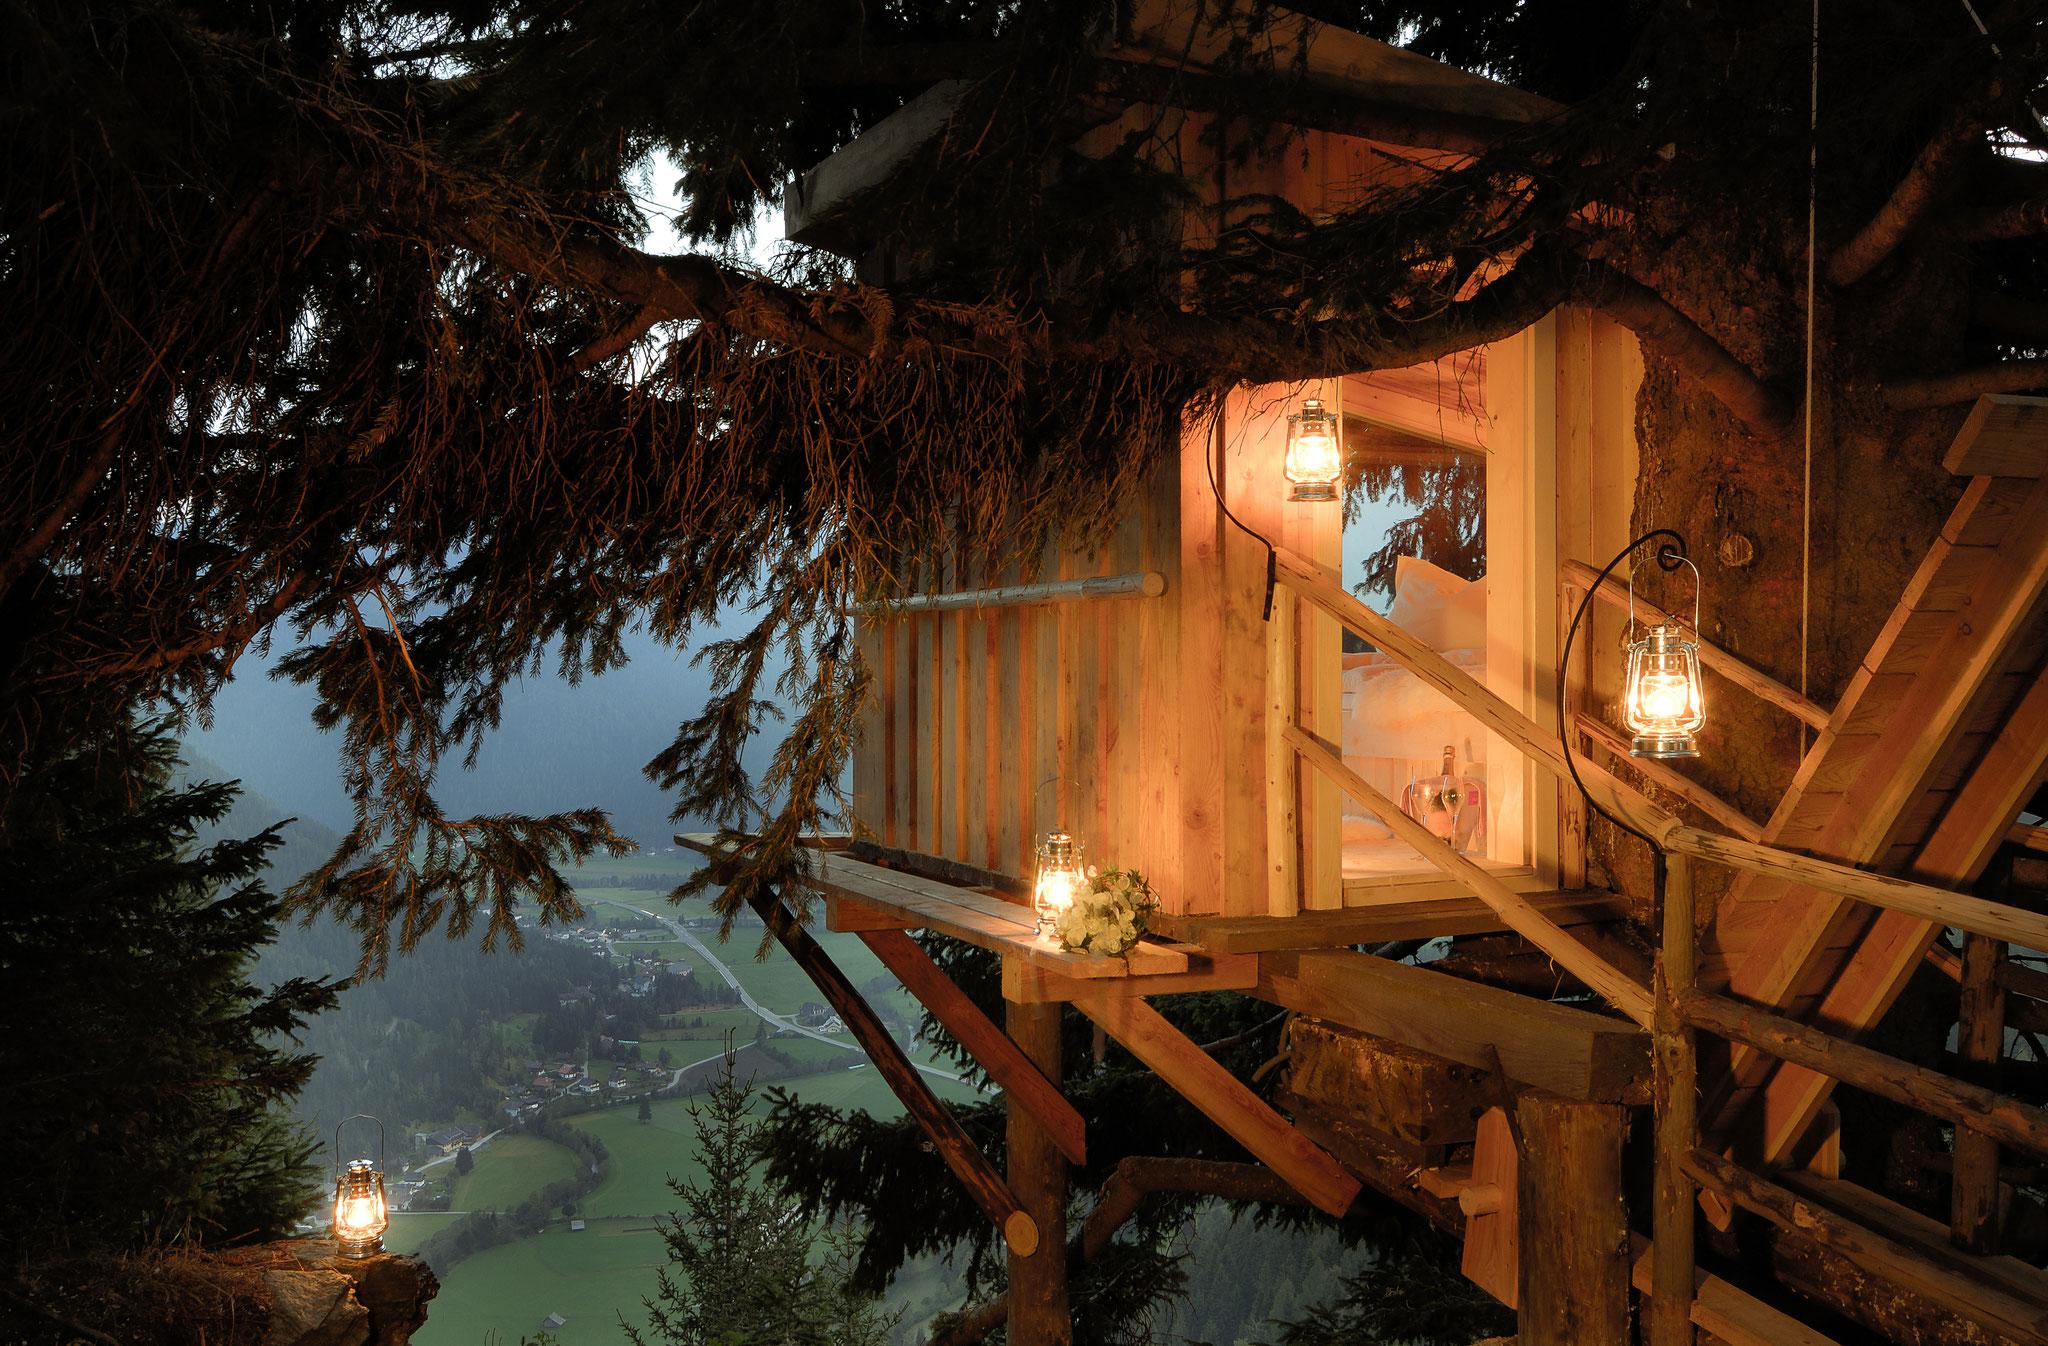 Hochzeiterhütte - Baumhaus